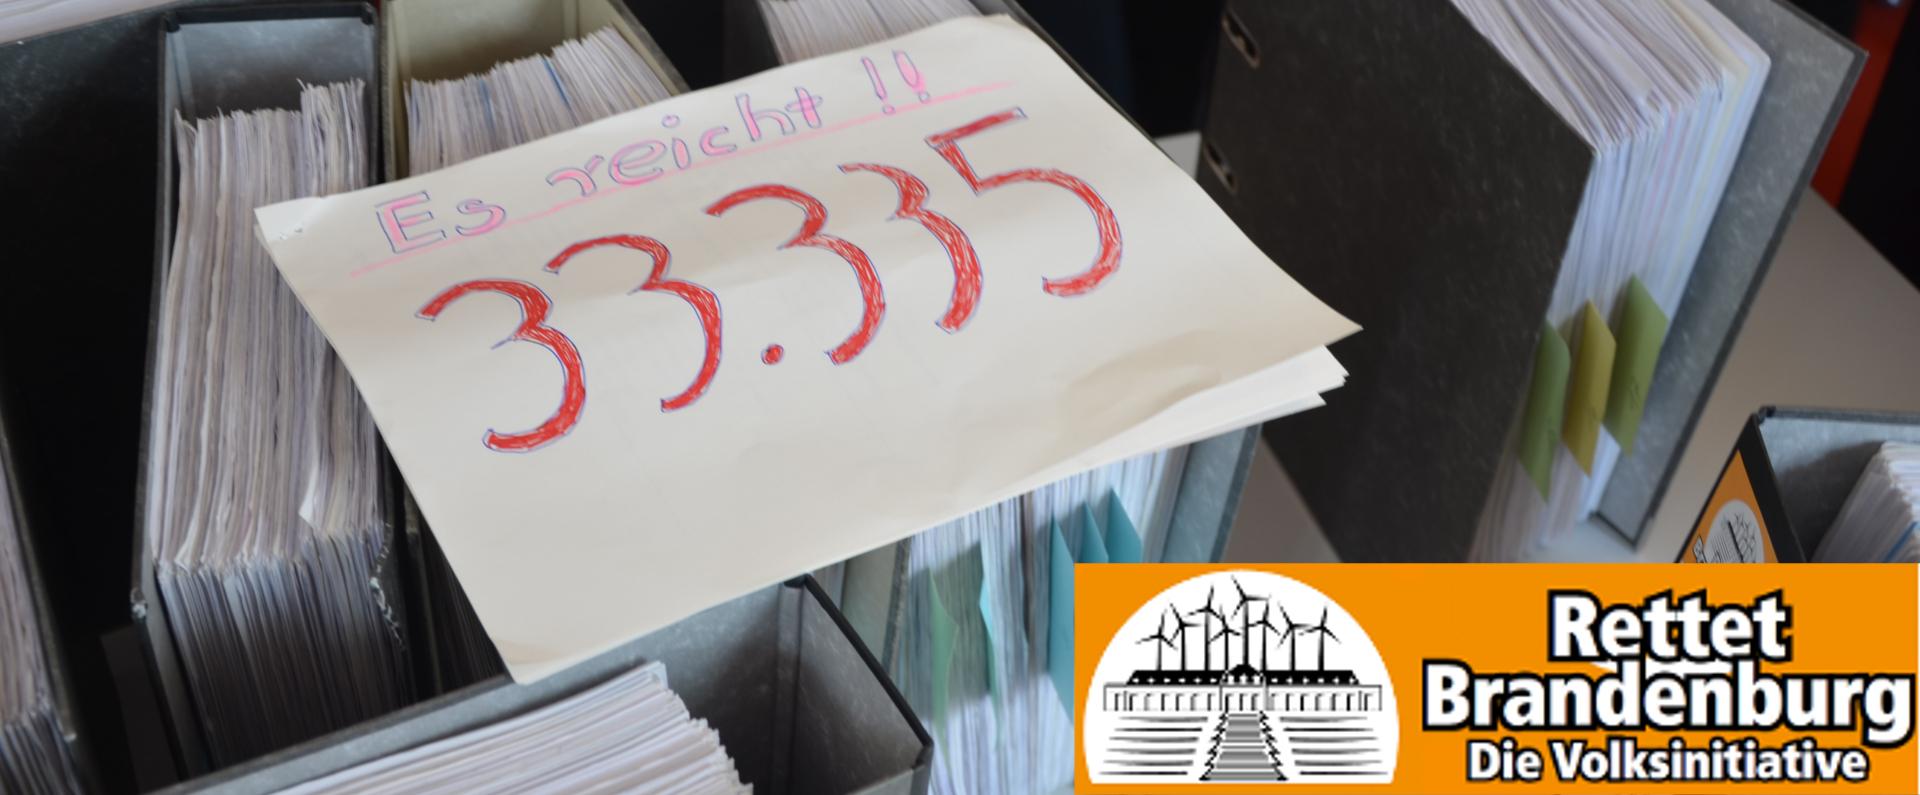 869_Rettet_Brandenburg